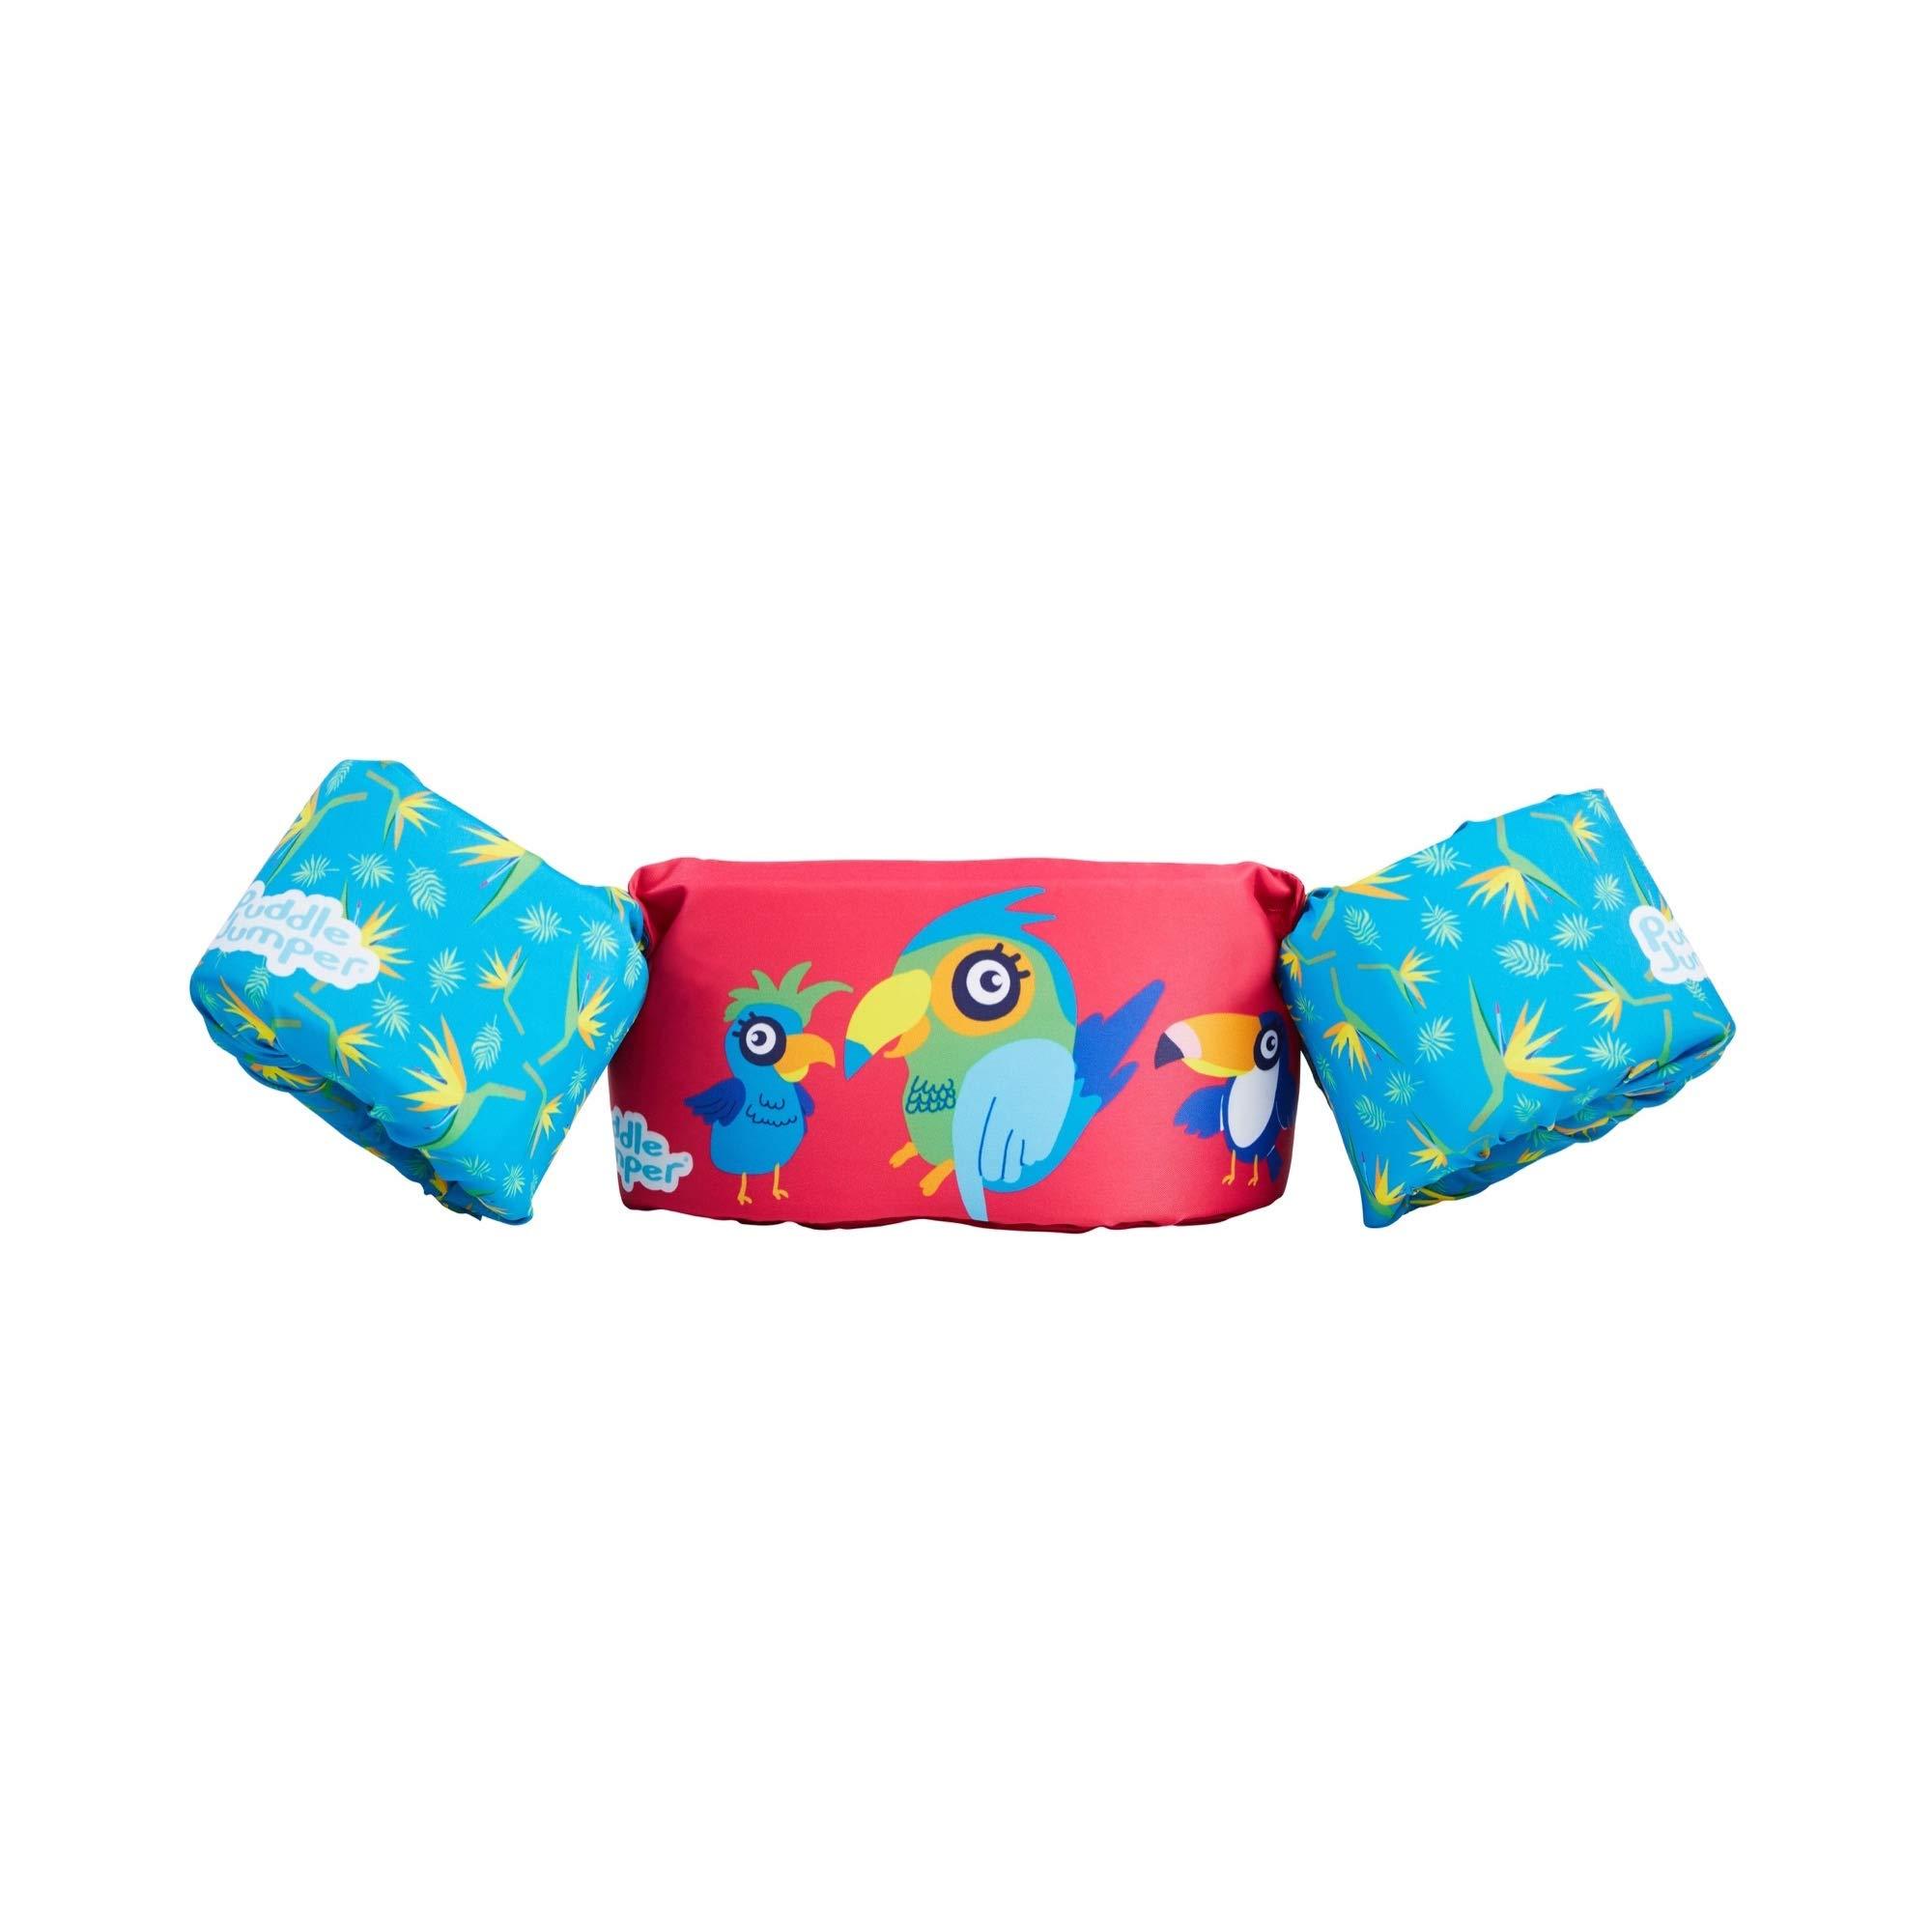 Stearns Puddle Jumper Kids Life Jacket | Life Vest for Children, Blue Bird, 30-50 Pounds